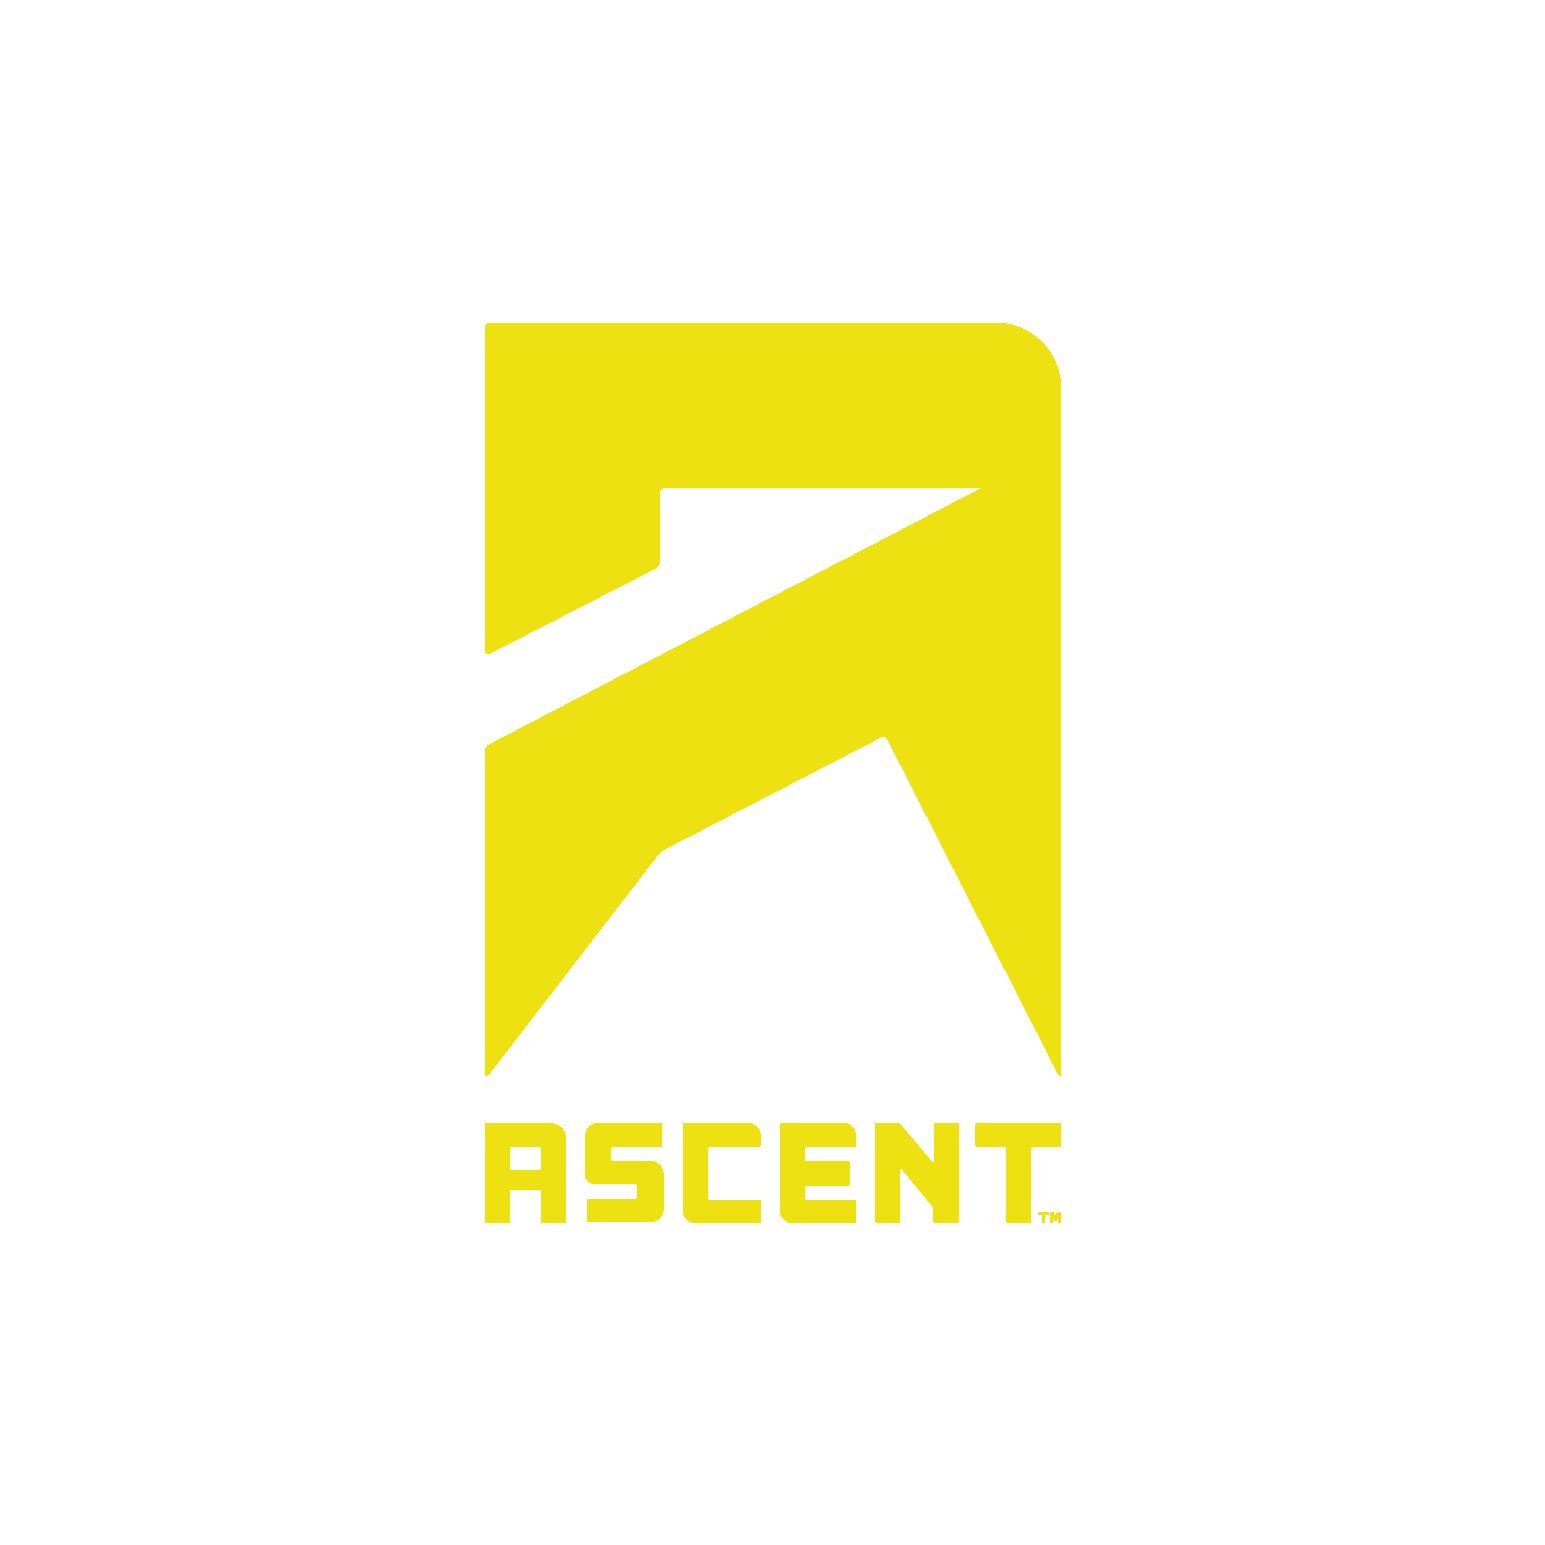 Yellow-logo-01-01.png